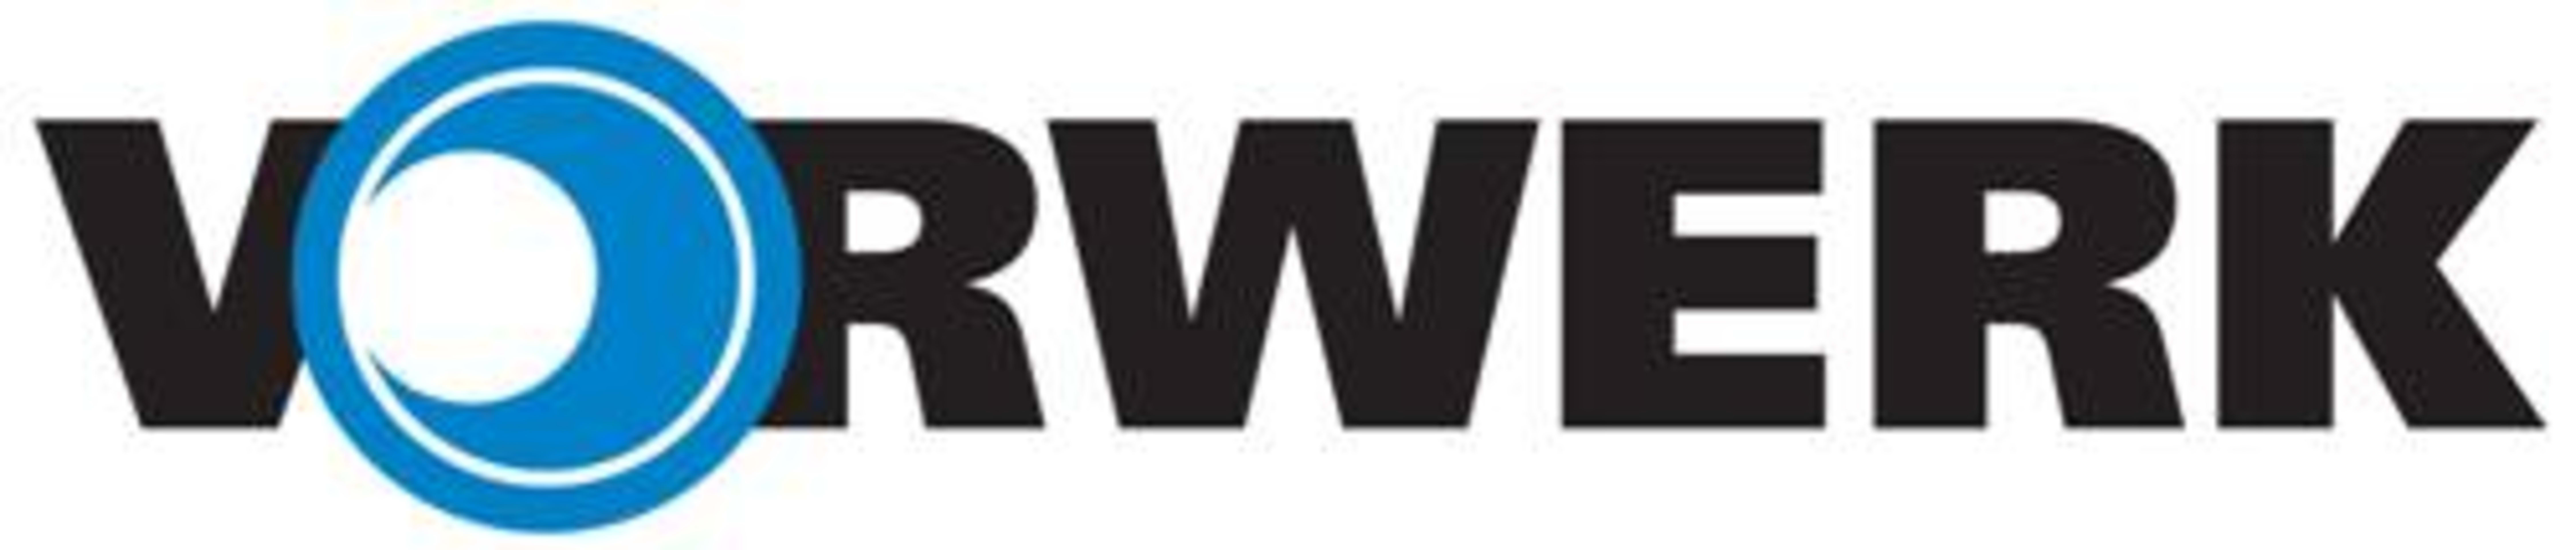 logo FRIEDRICH VORWERK SE & Co. KG